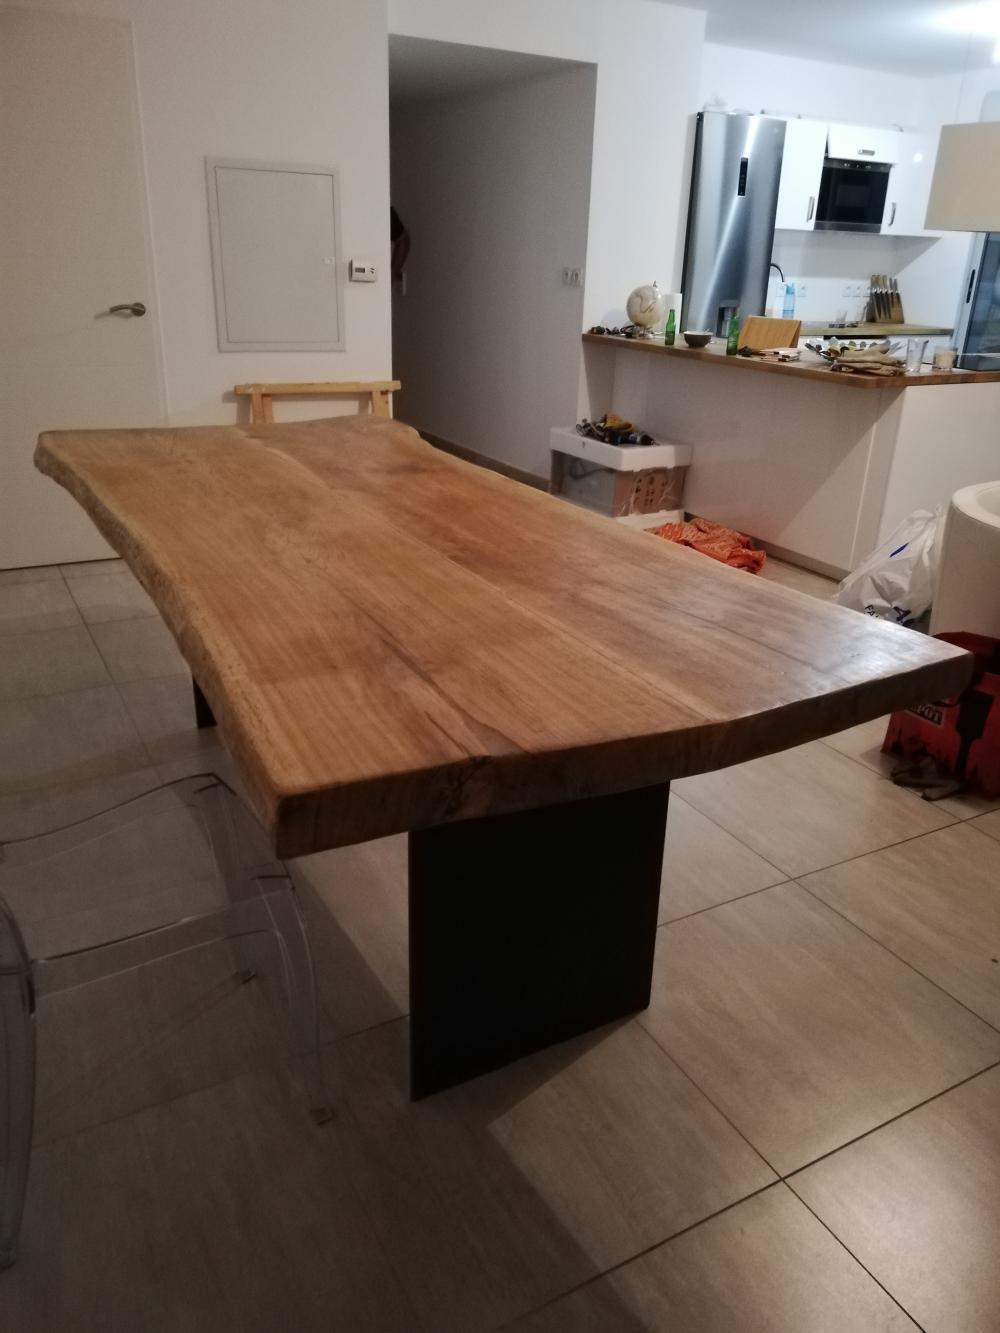 Table en vieux chêne massif avec piétements métalliques – 2400.00€